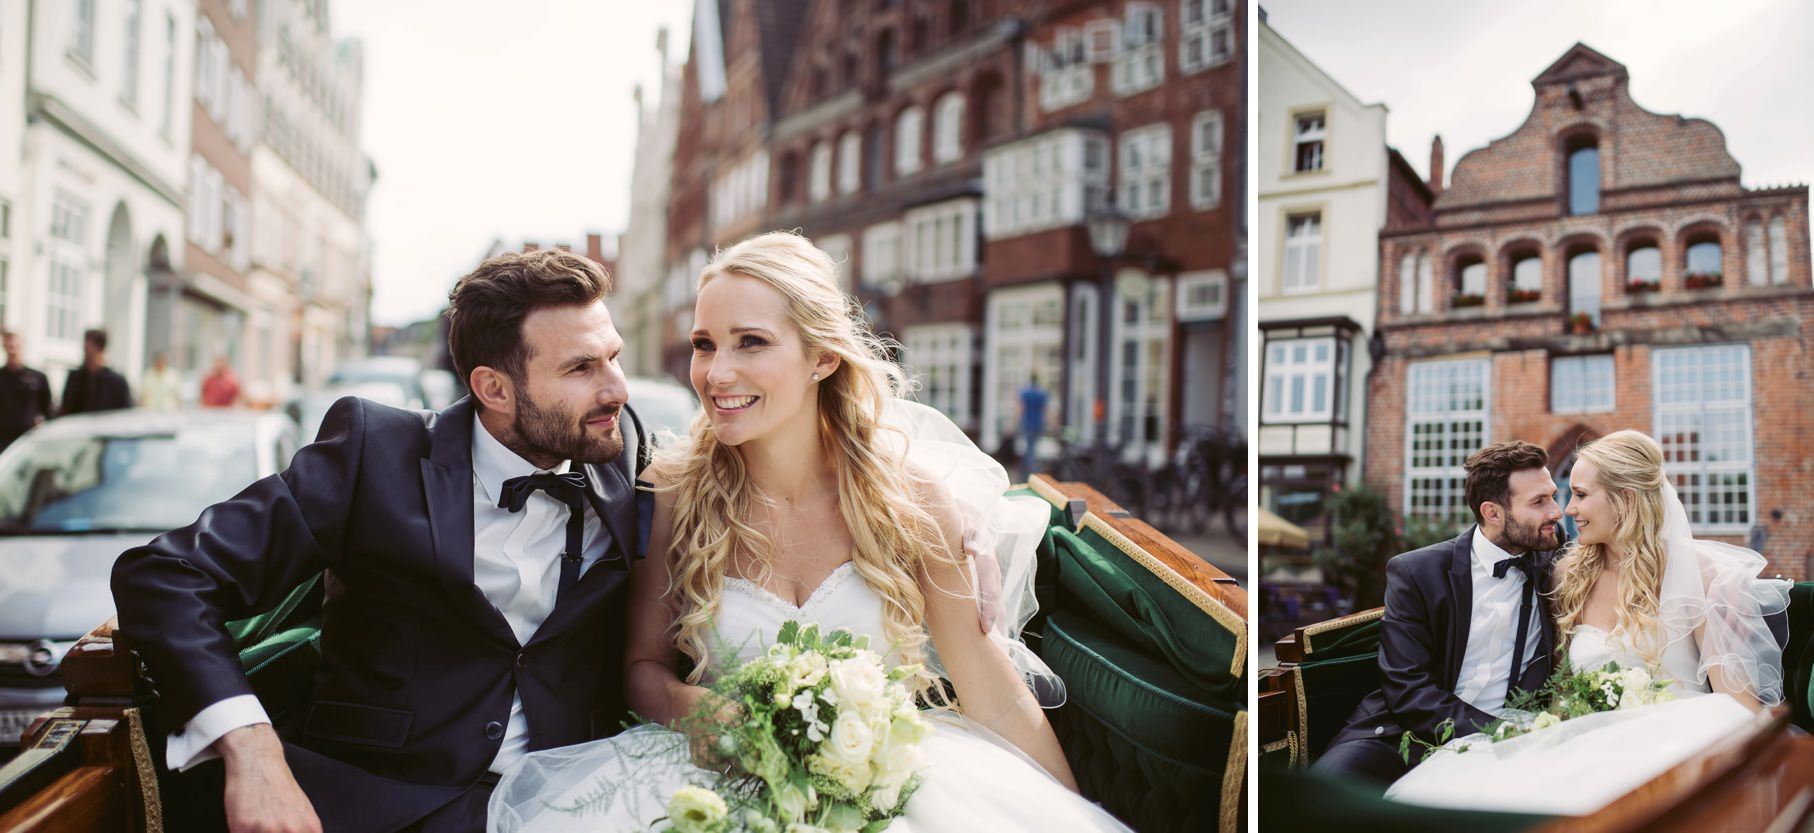 0047 jus 812 9422 - Hochzeit im Wasserturm Lüneburg - Jenny & Sascha